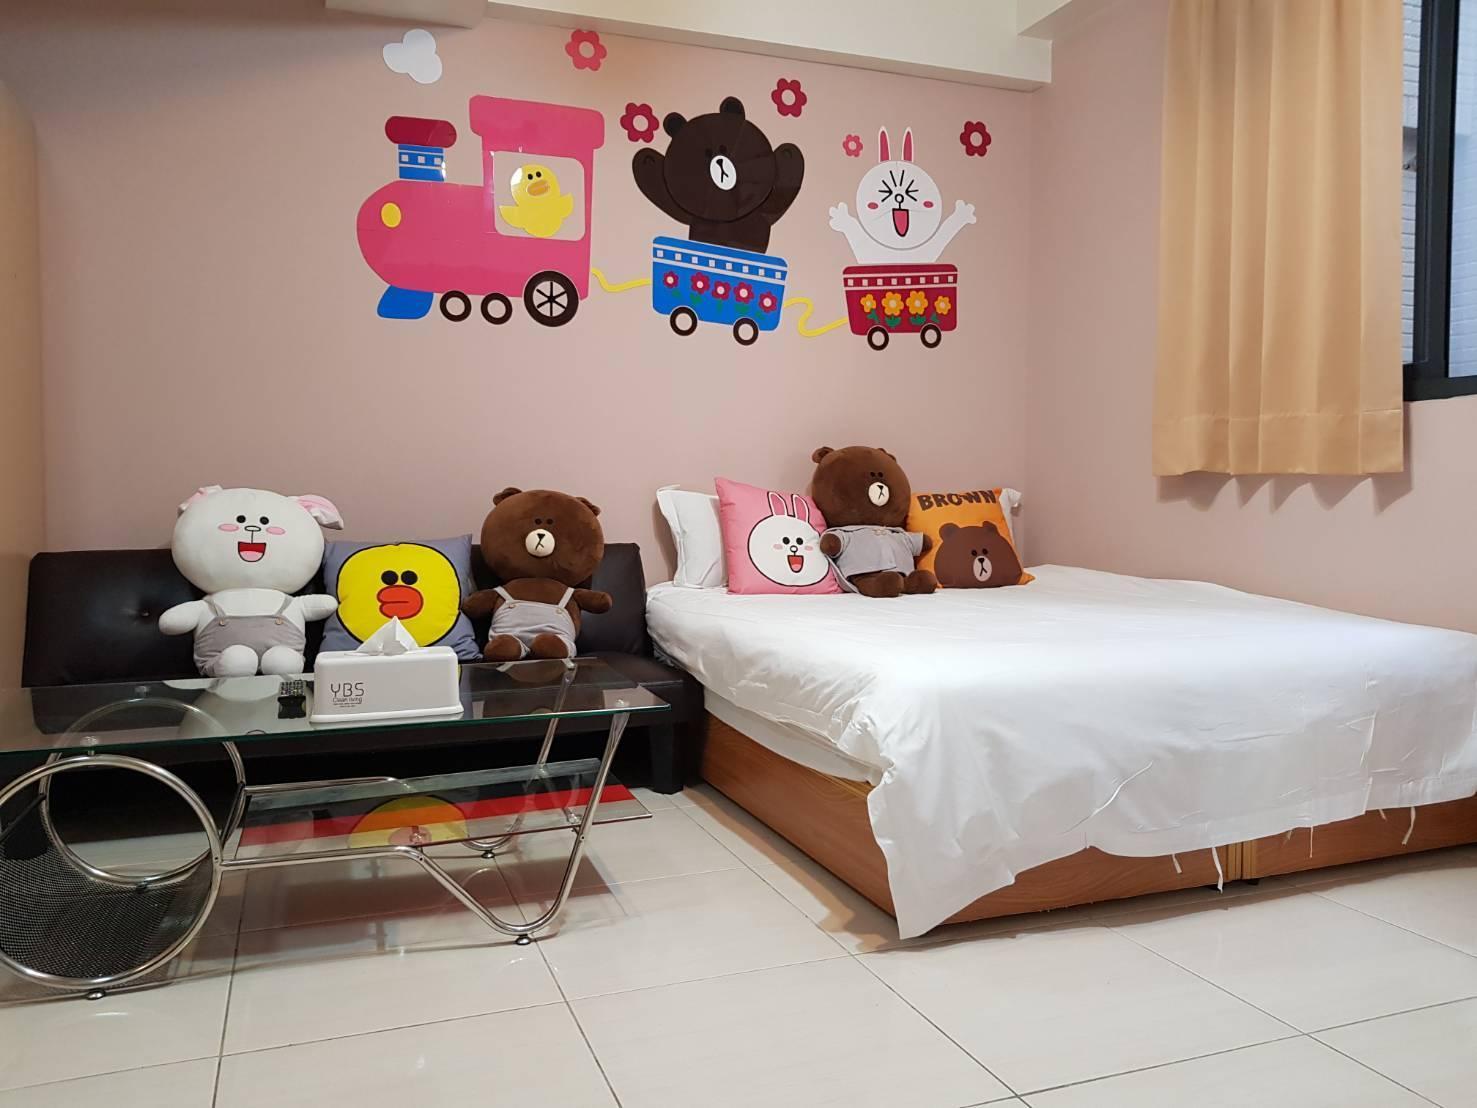 Taichung Yizhong 2941 My Neighbor Totoro Dream